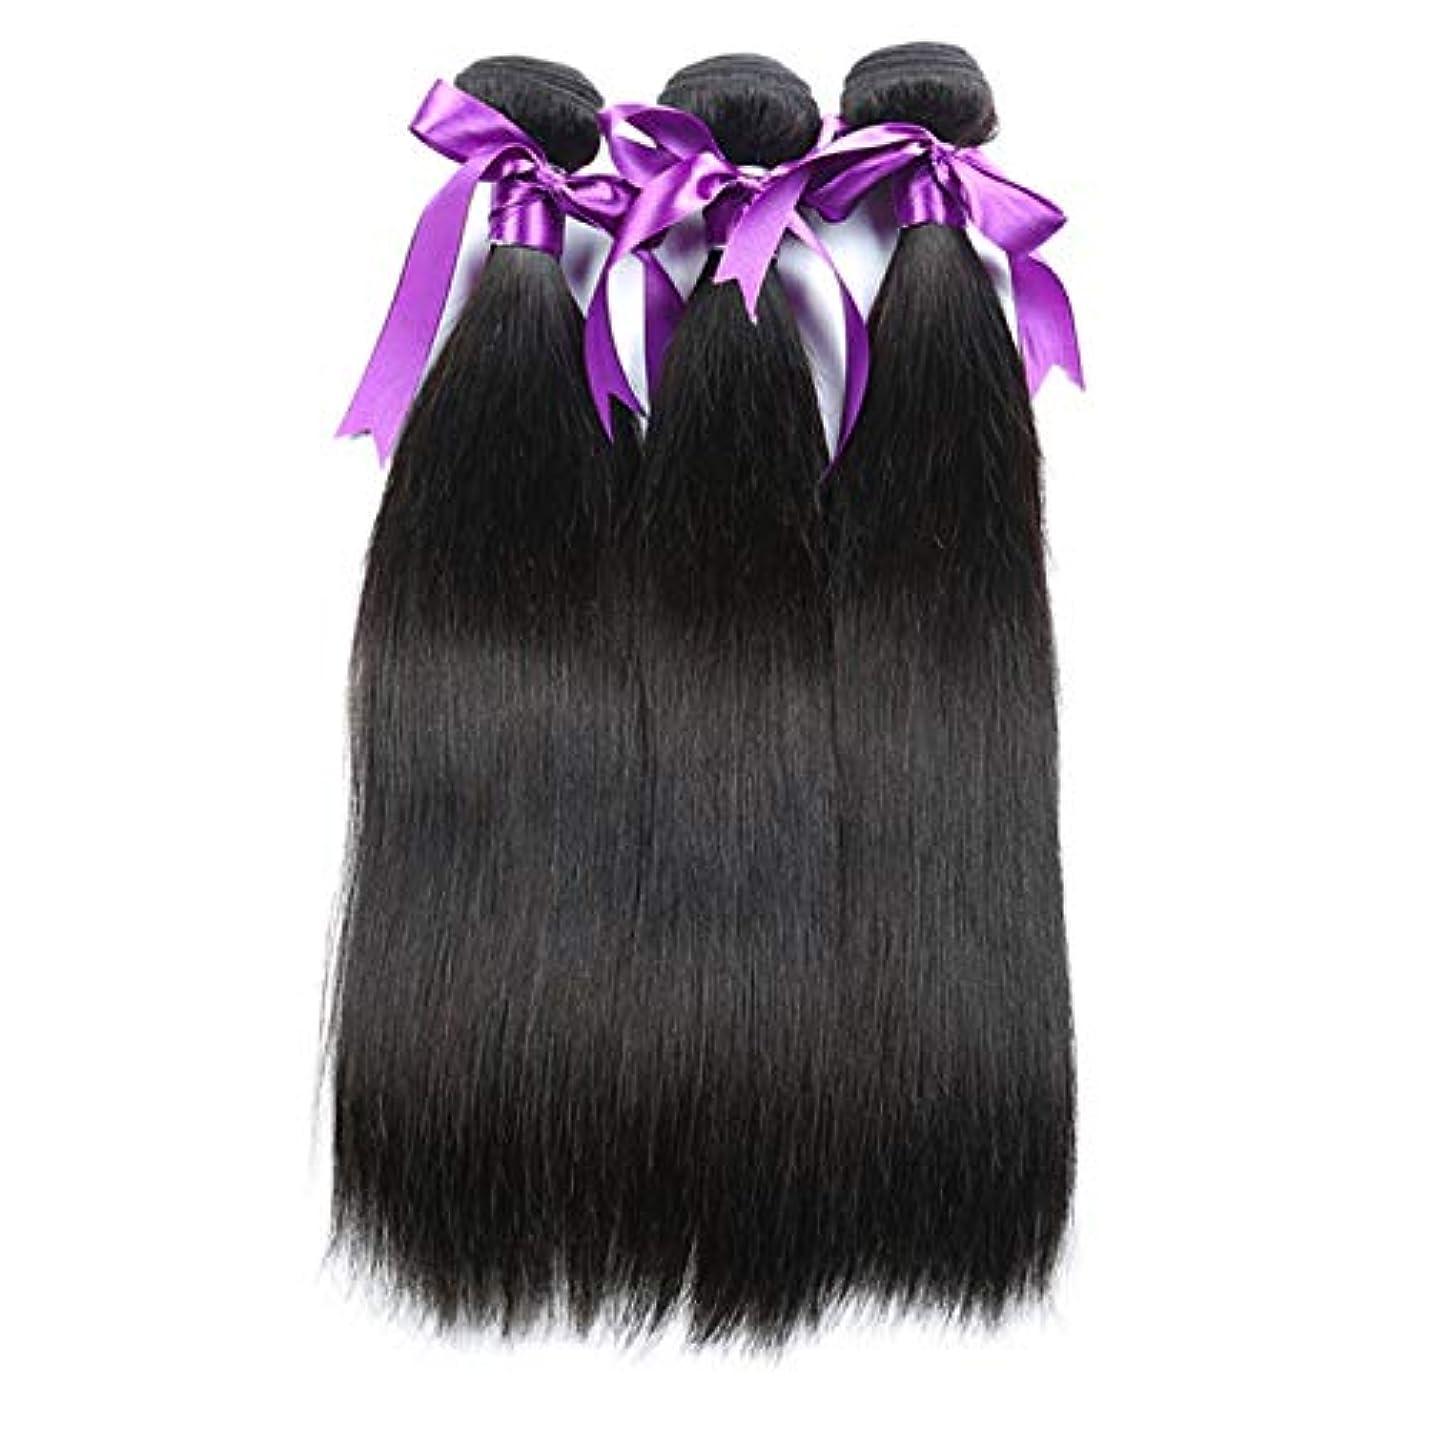 メジャー消費締めるかつら 髪ペルーストレートヘア3個人毛バンドル非Remyヘアエクステンション8-28インチ (Length : 12 14 14)